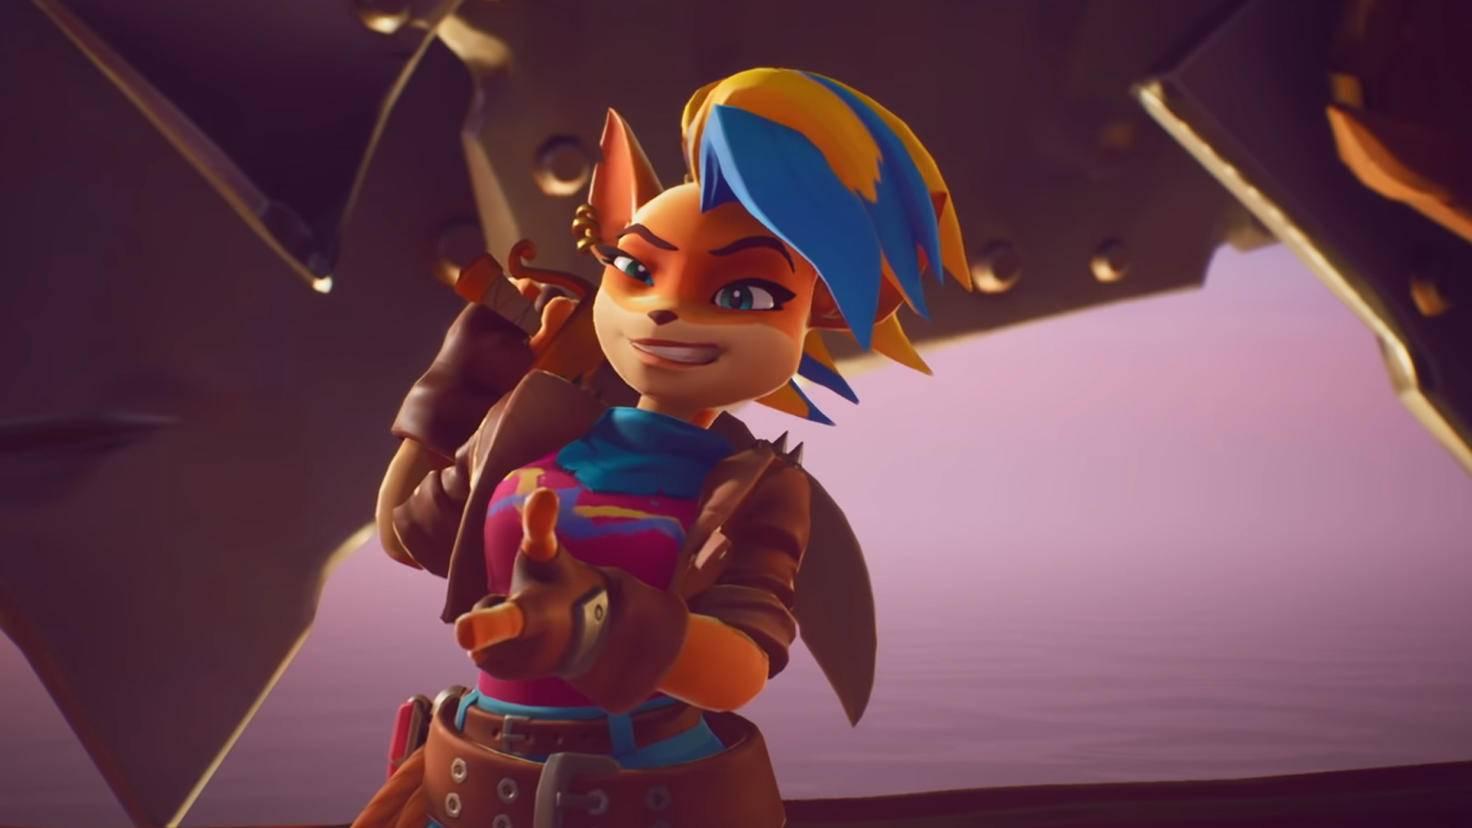 Crash Bandicoot 4 Tawna